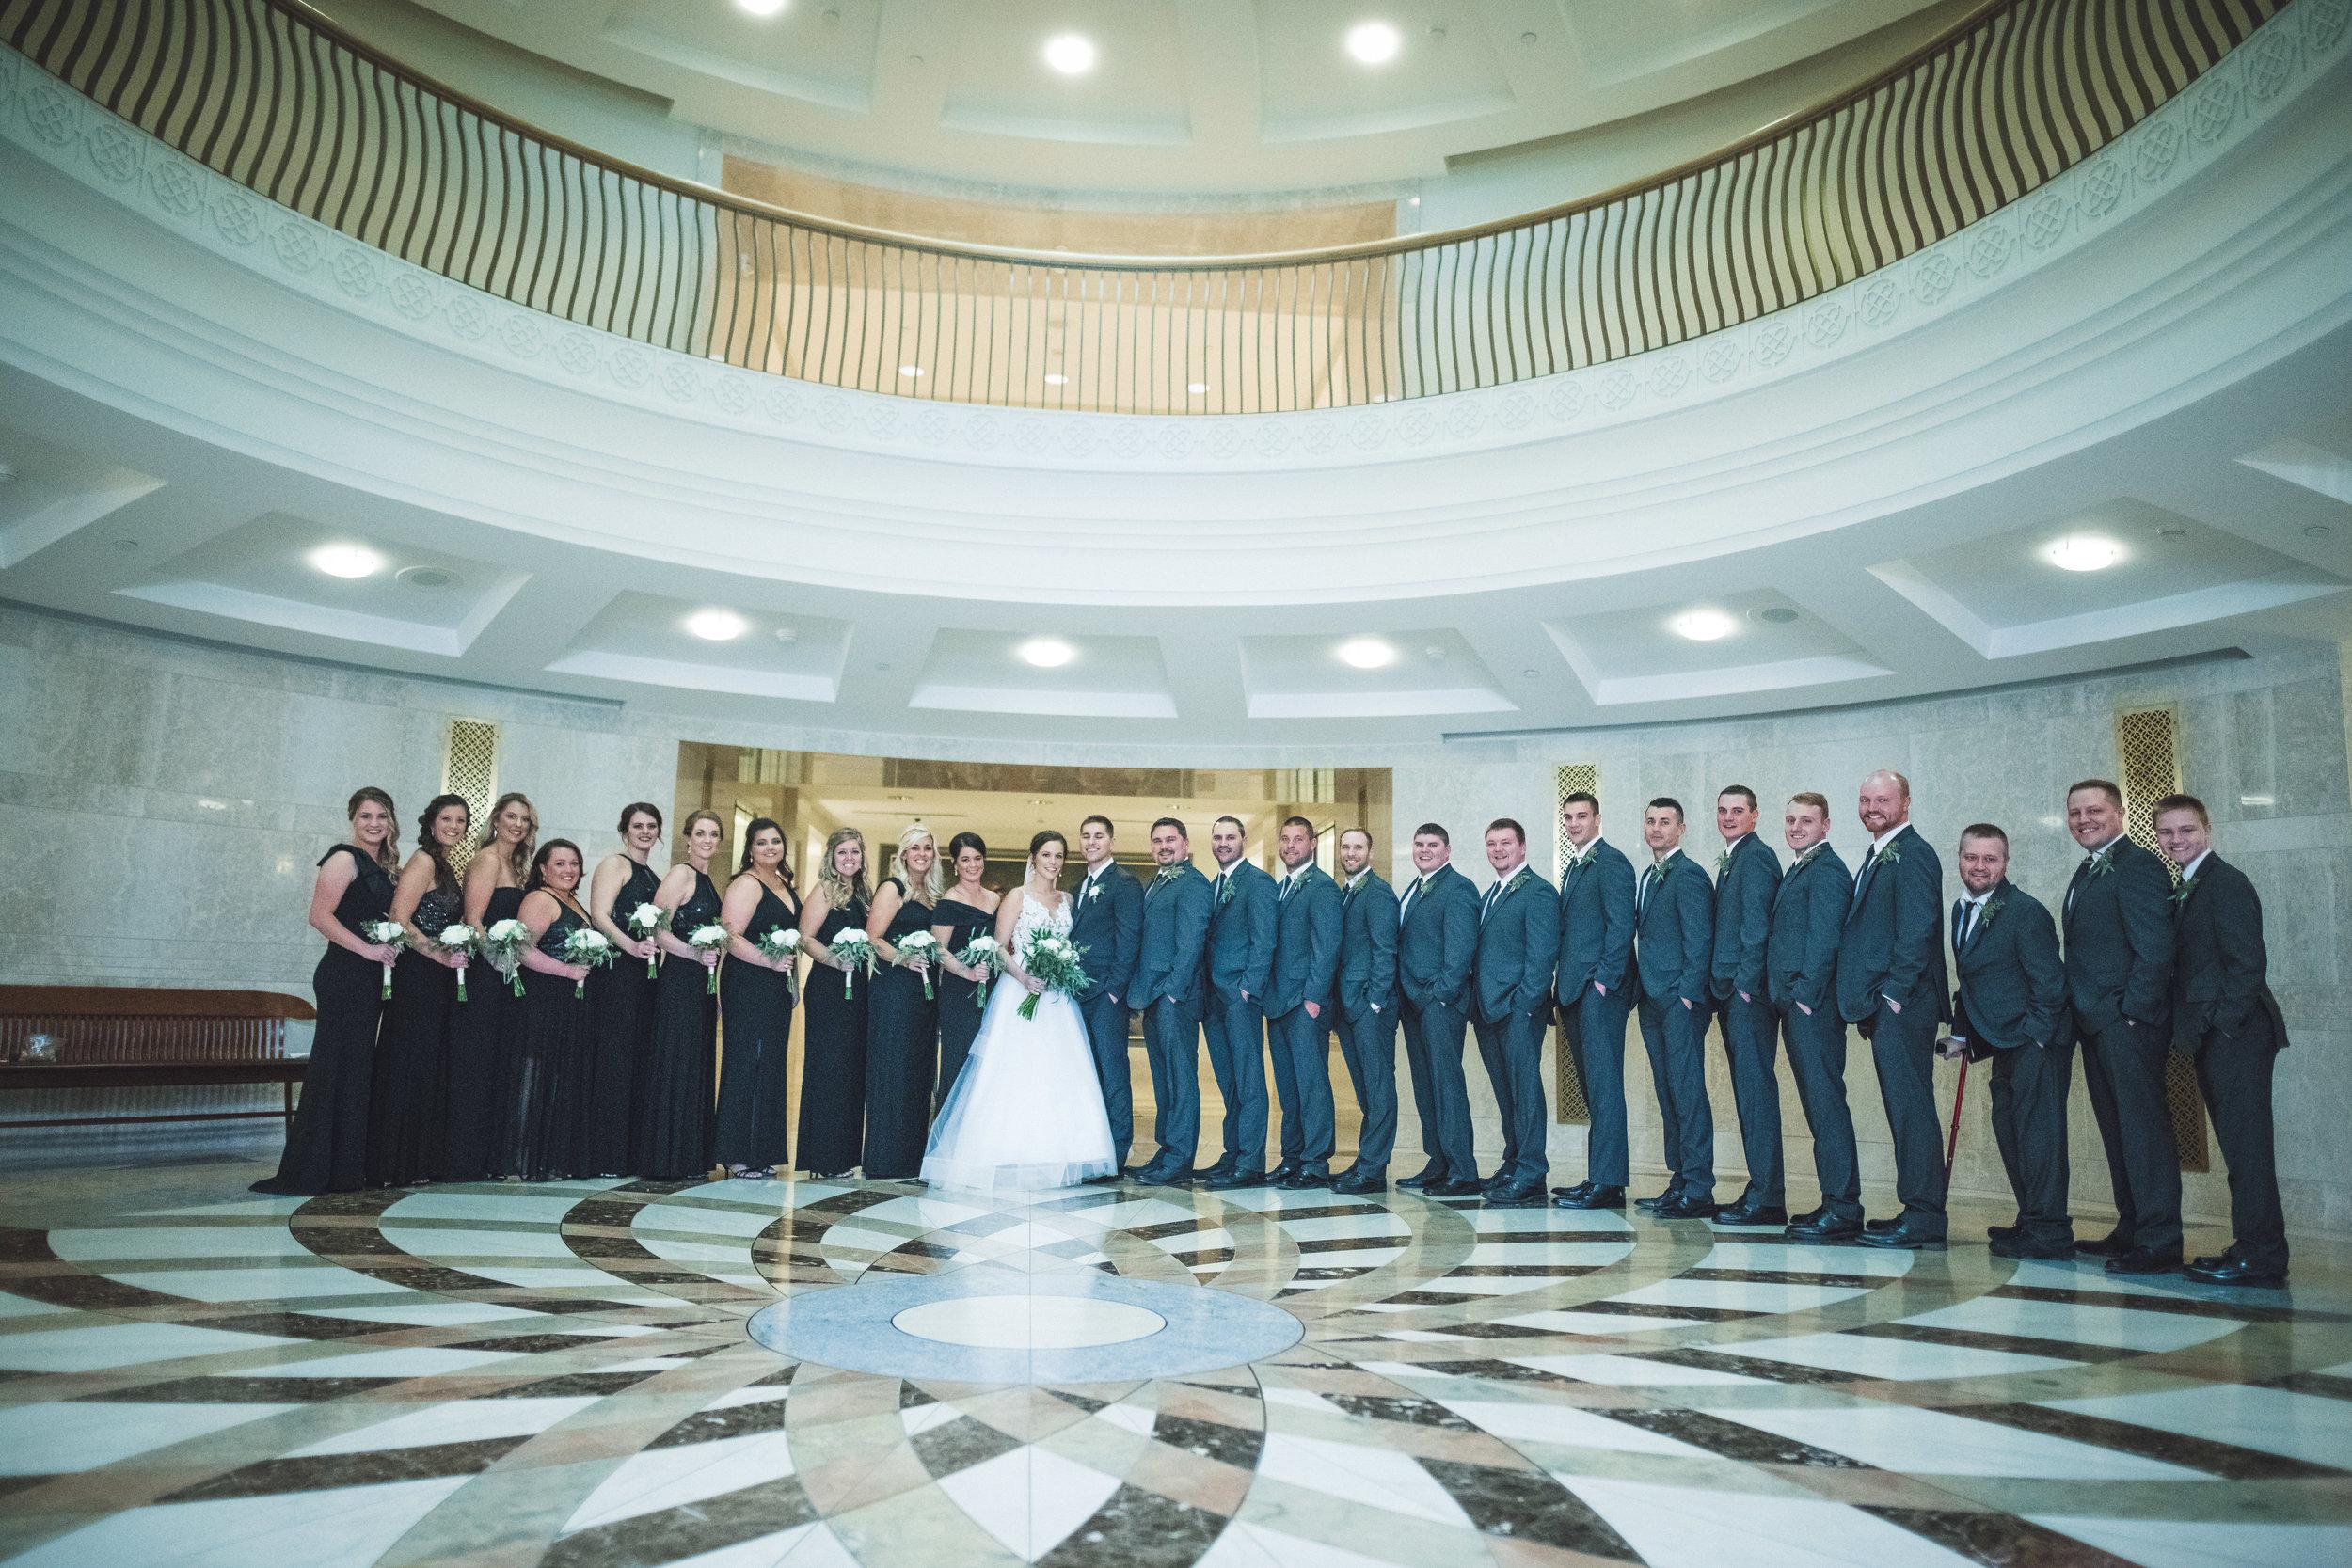 2star_des-moines-wedding-sadie-derek-26.jpg